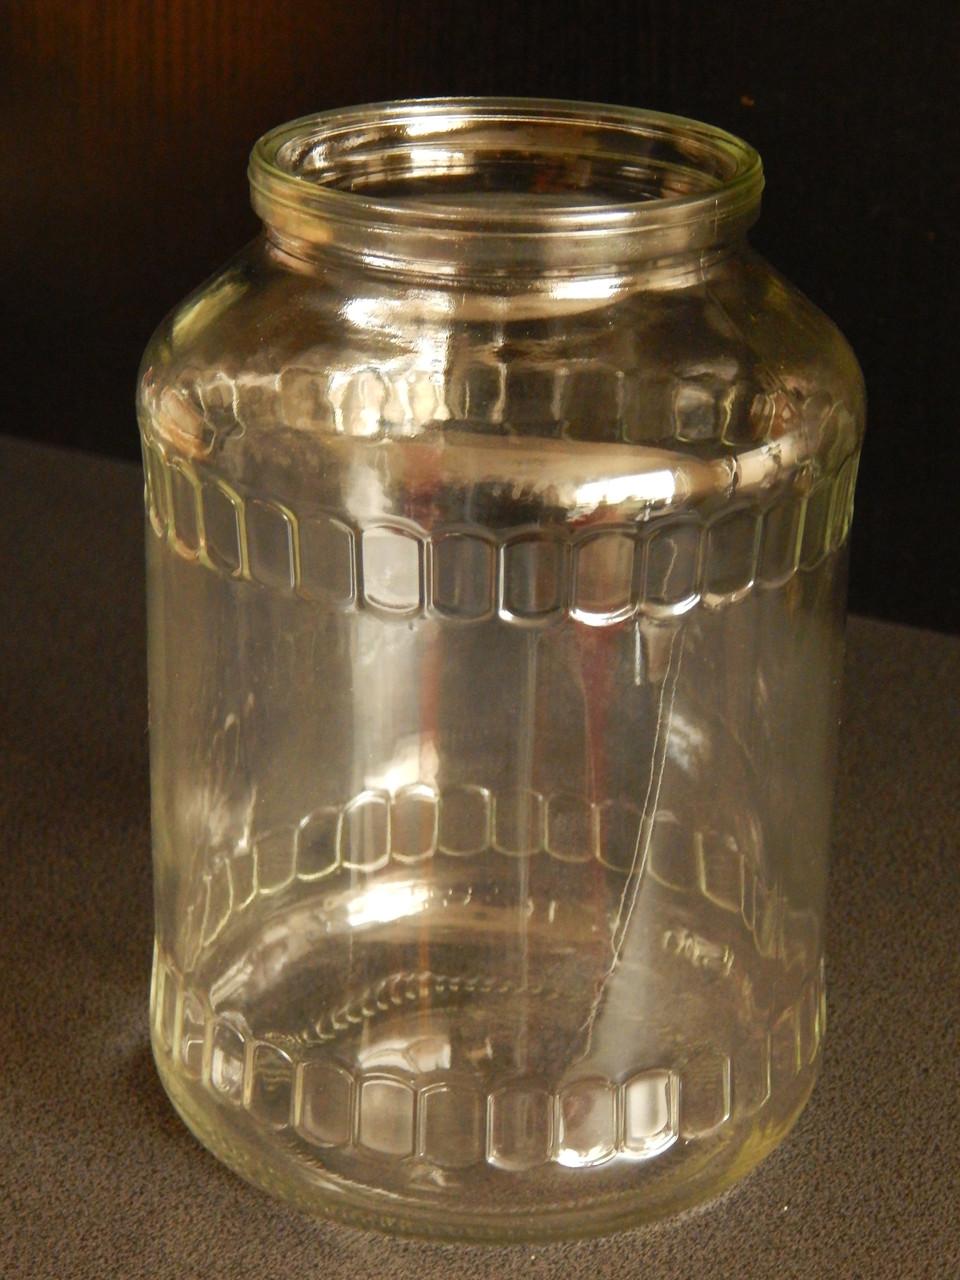 Банка стеклянная 1,5 л СКО I-82 (8 штук в упаковке)